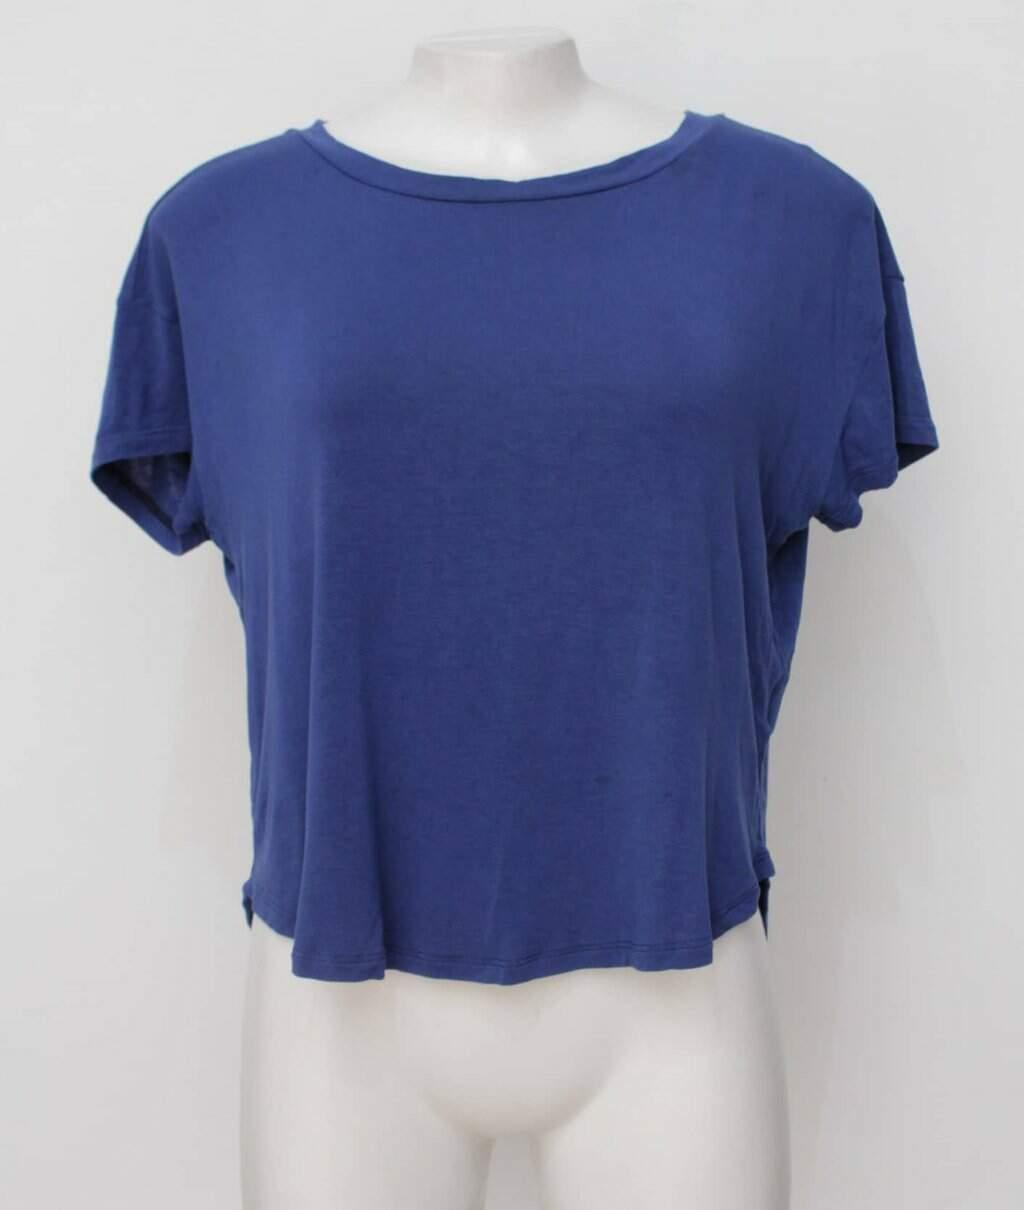 Blusa azul renner